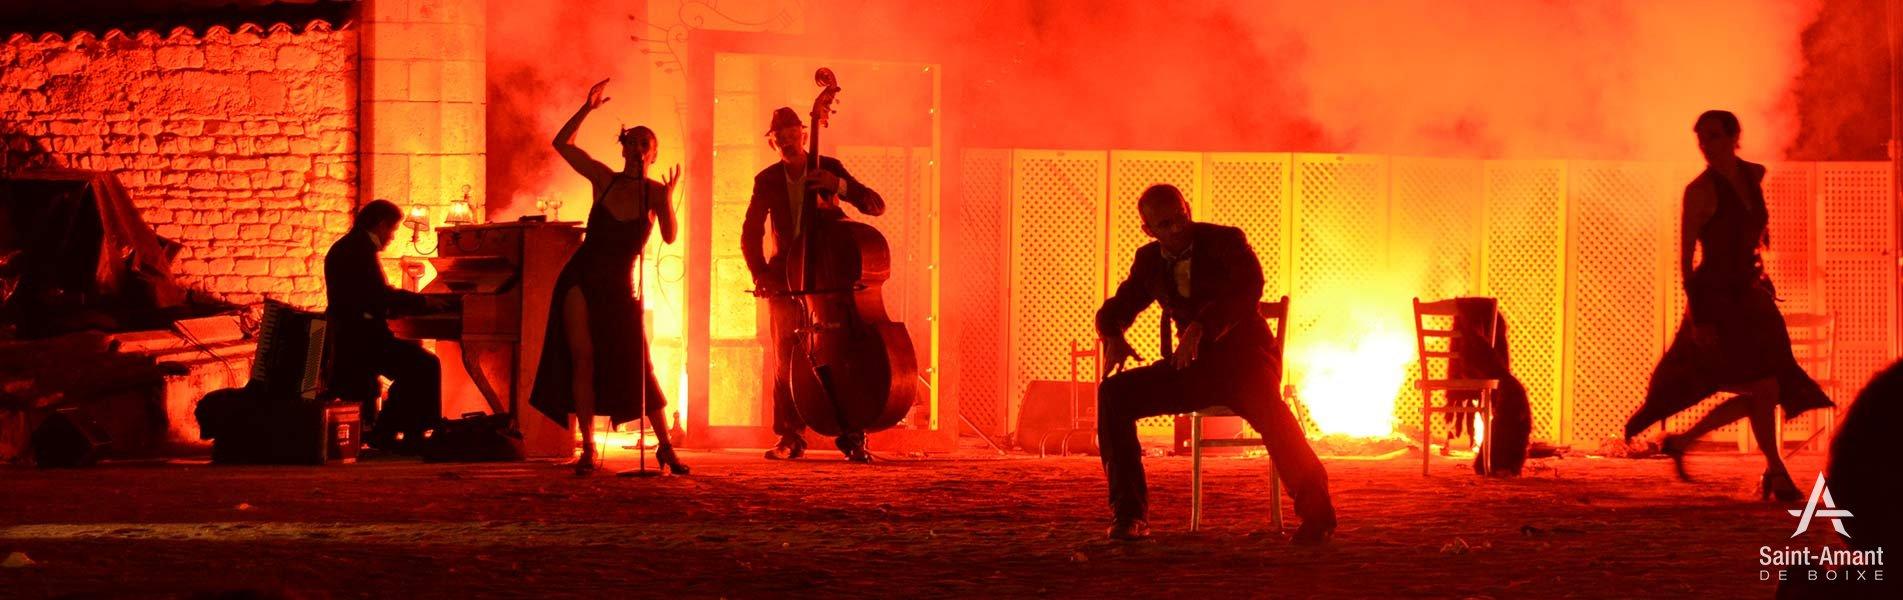 Saint-Amant-de-Boixe-spectacle-nuits-romanes